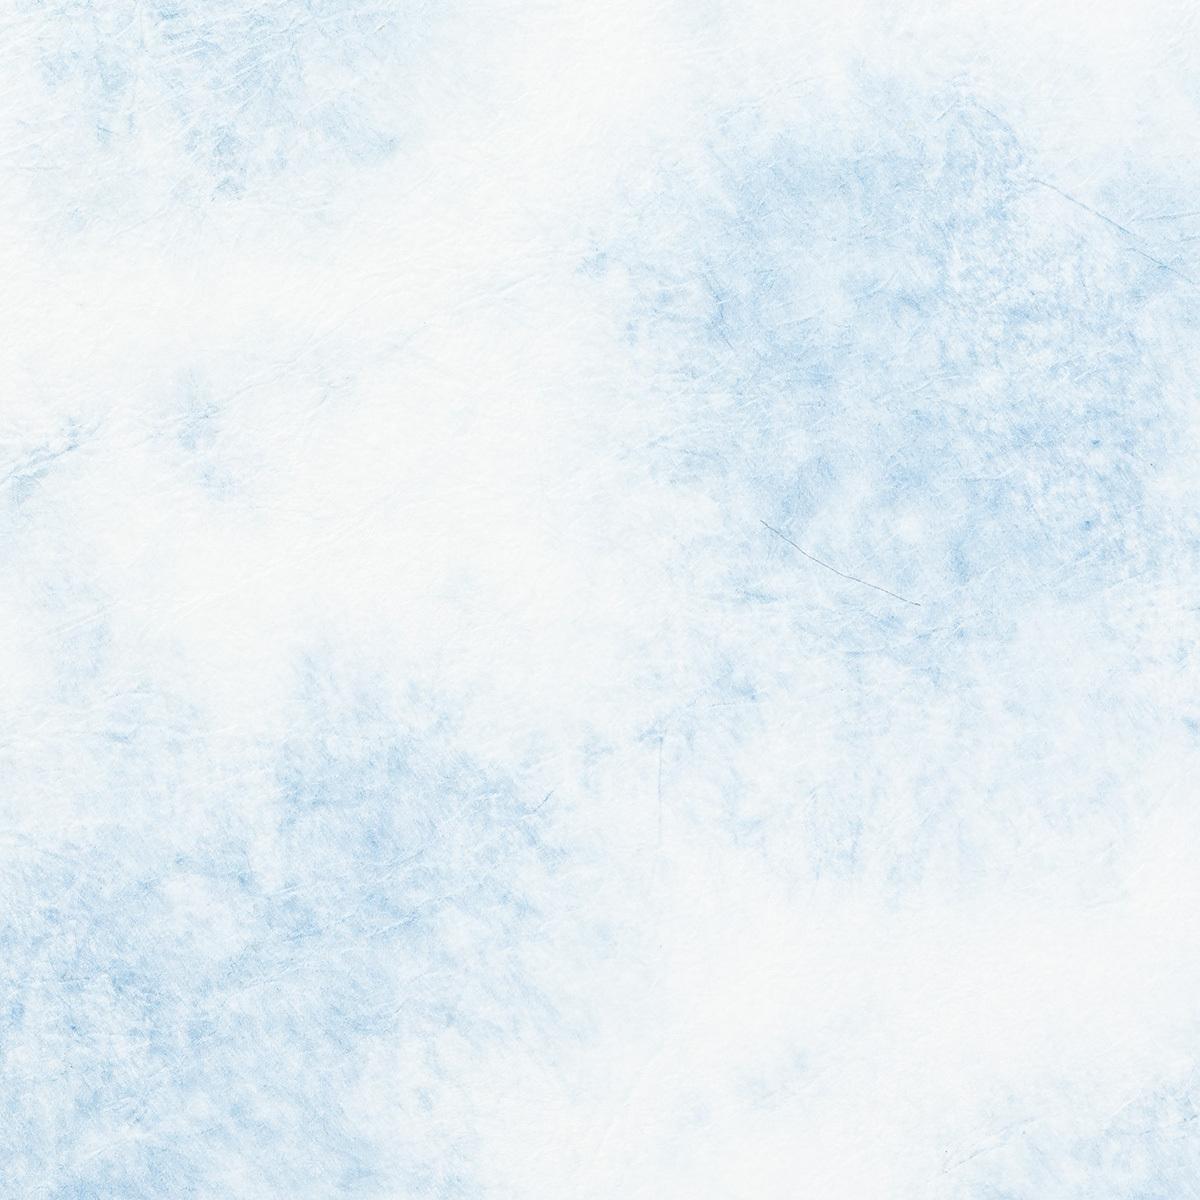 典具帖紙 本藍染め No.4